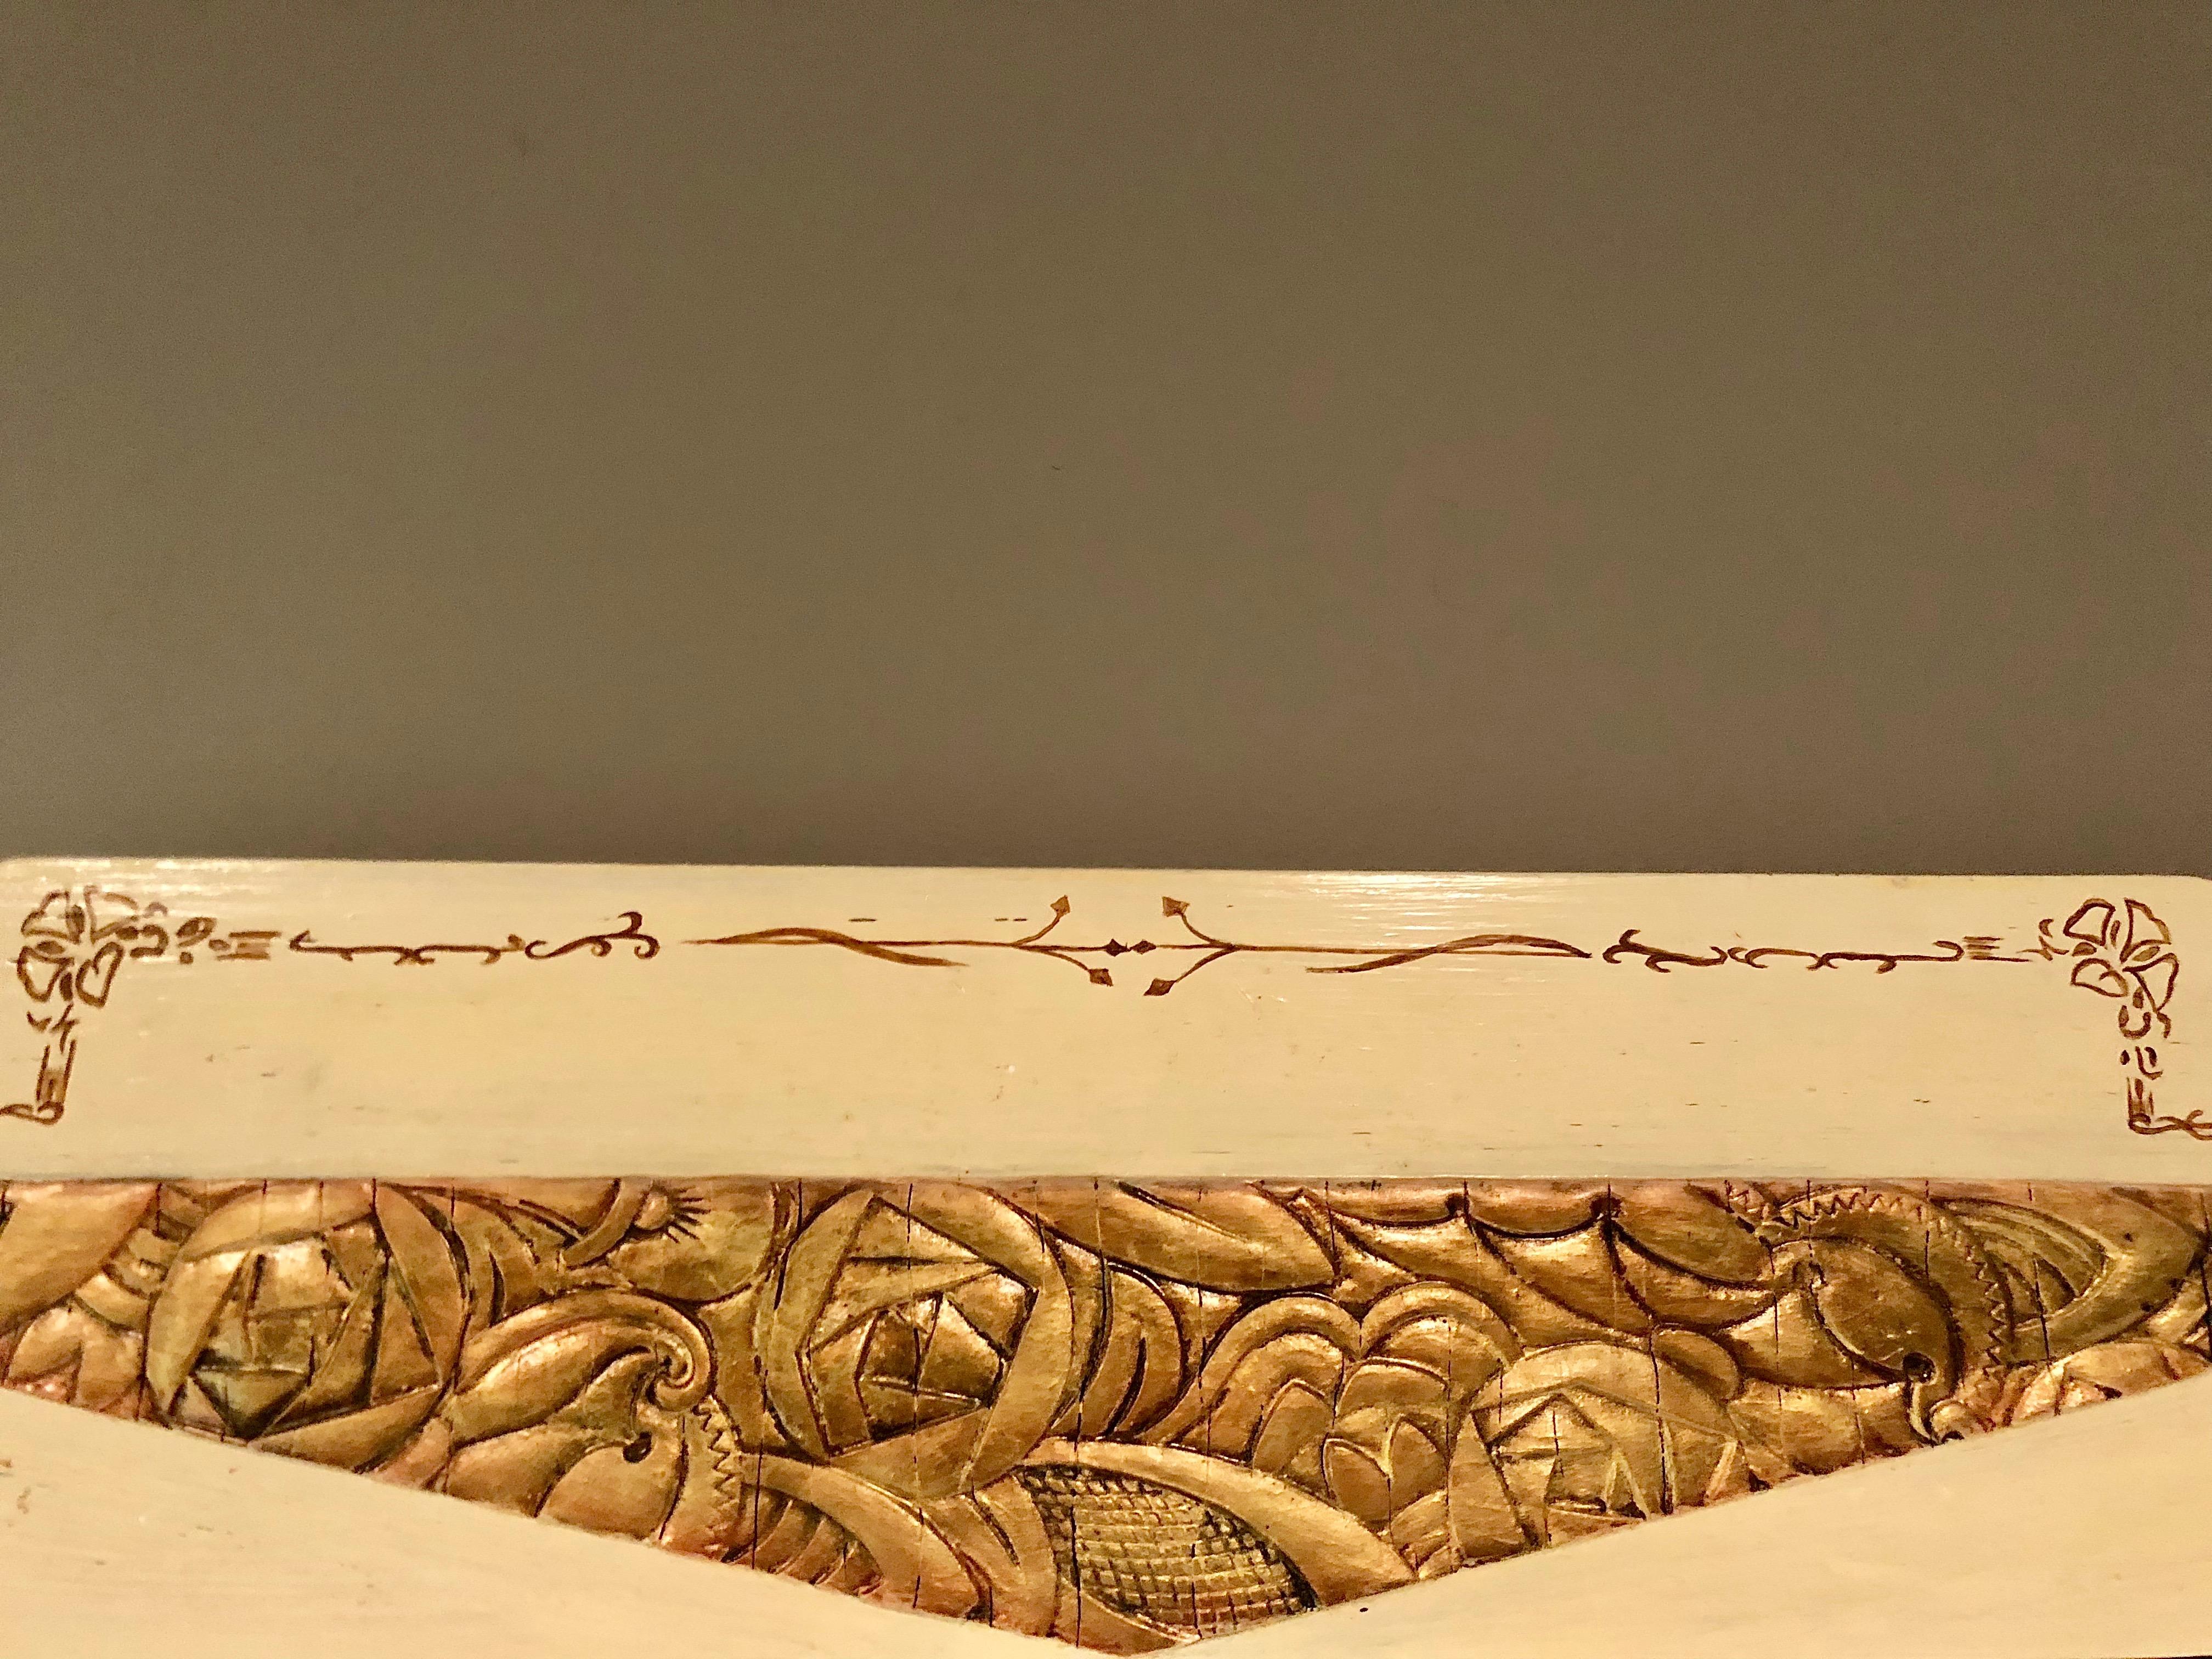 habiter salle de bains miroir frise fleurs art deco plus au nord. Black Bedroom Furniture Sets. Home Design Ideas